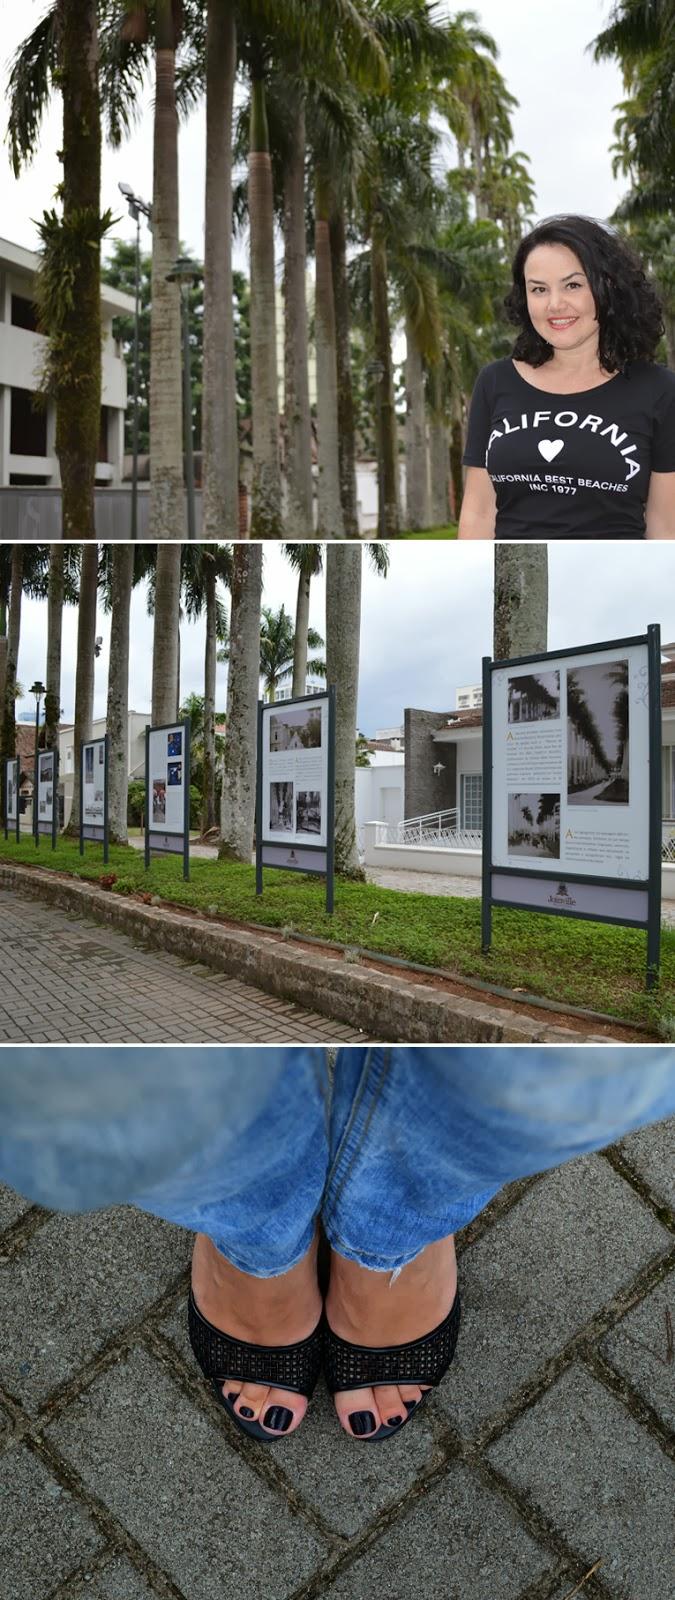 Rua das palmeiras, joinville, blogueira, blogger, koamo, blog da jana, Jana acessórios, moda, fashion, estilo, style, Look da Jana